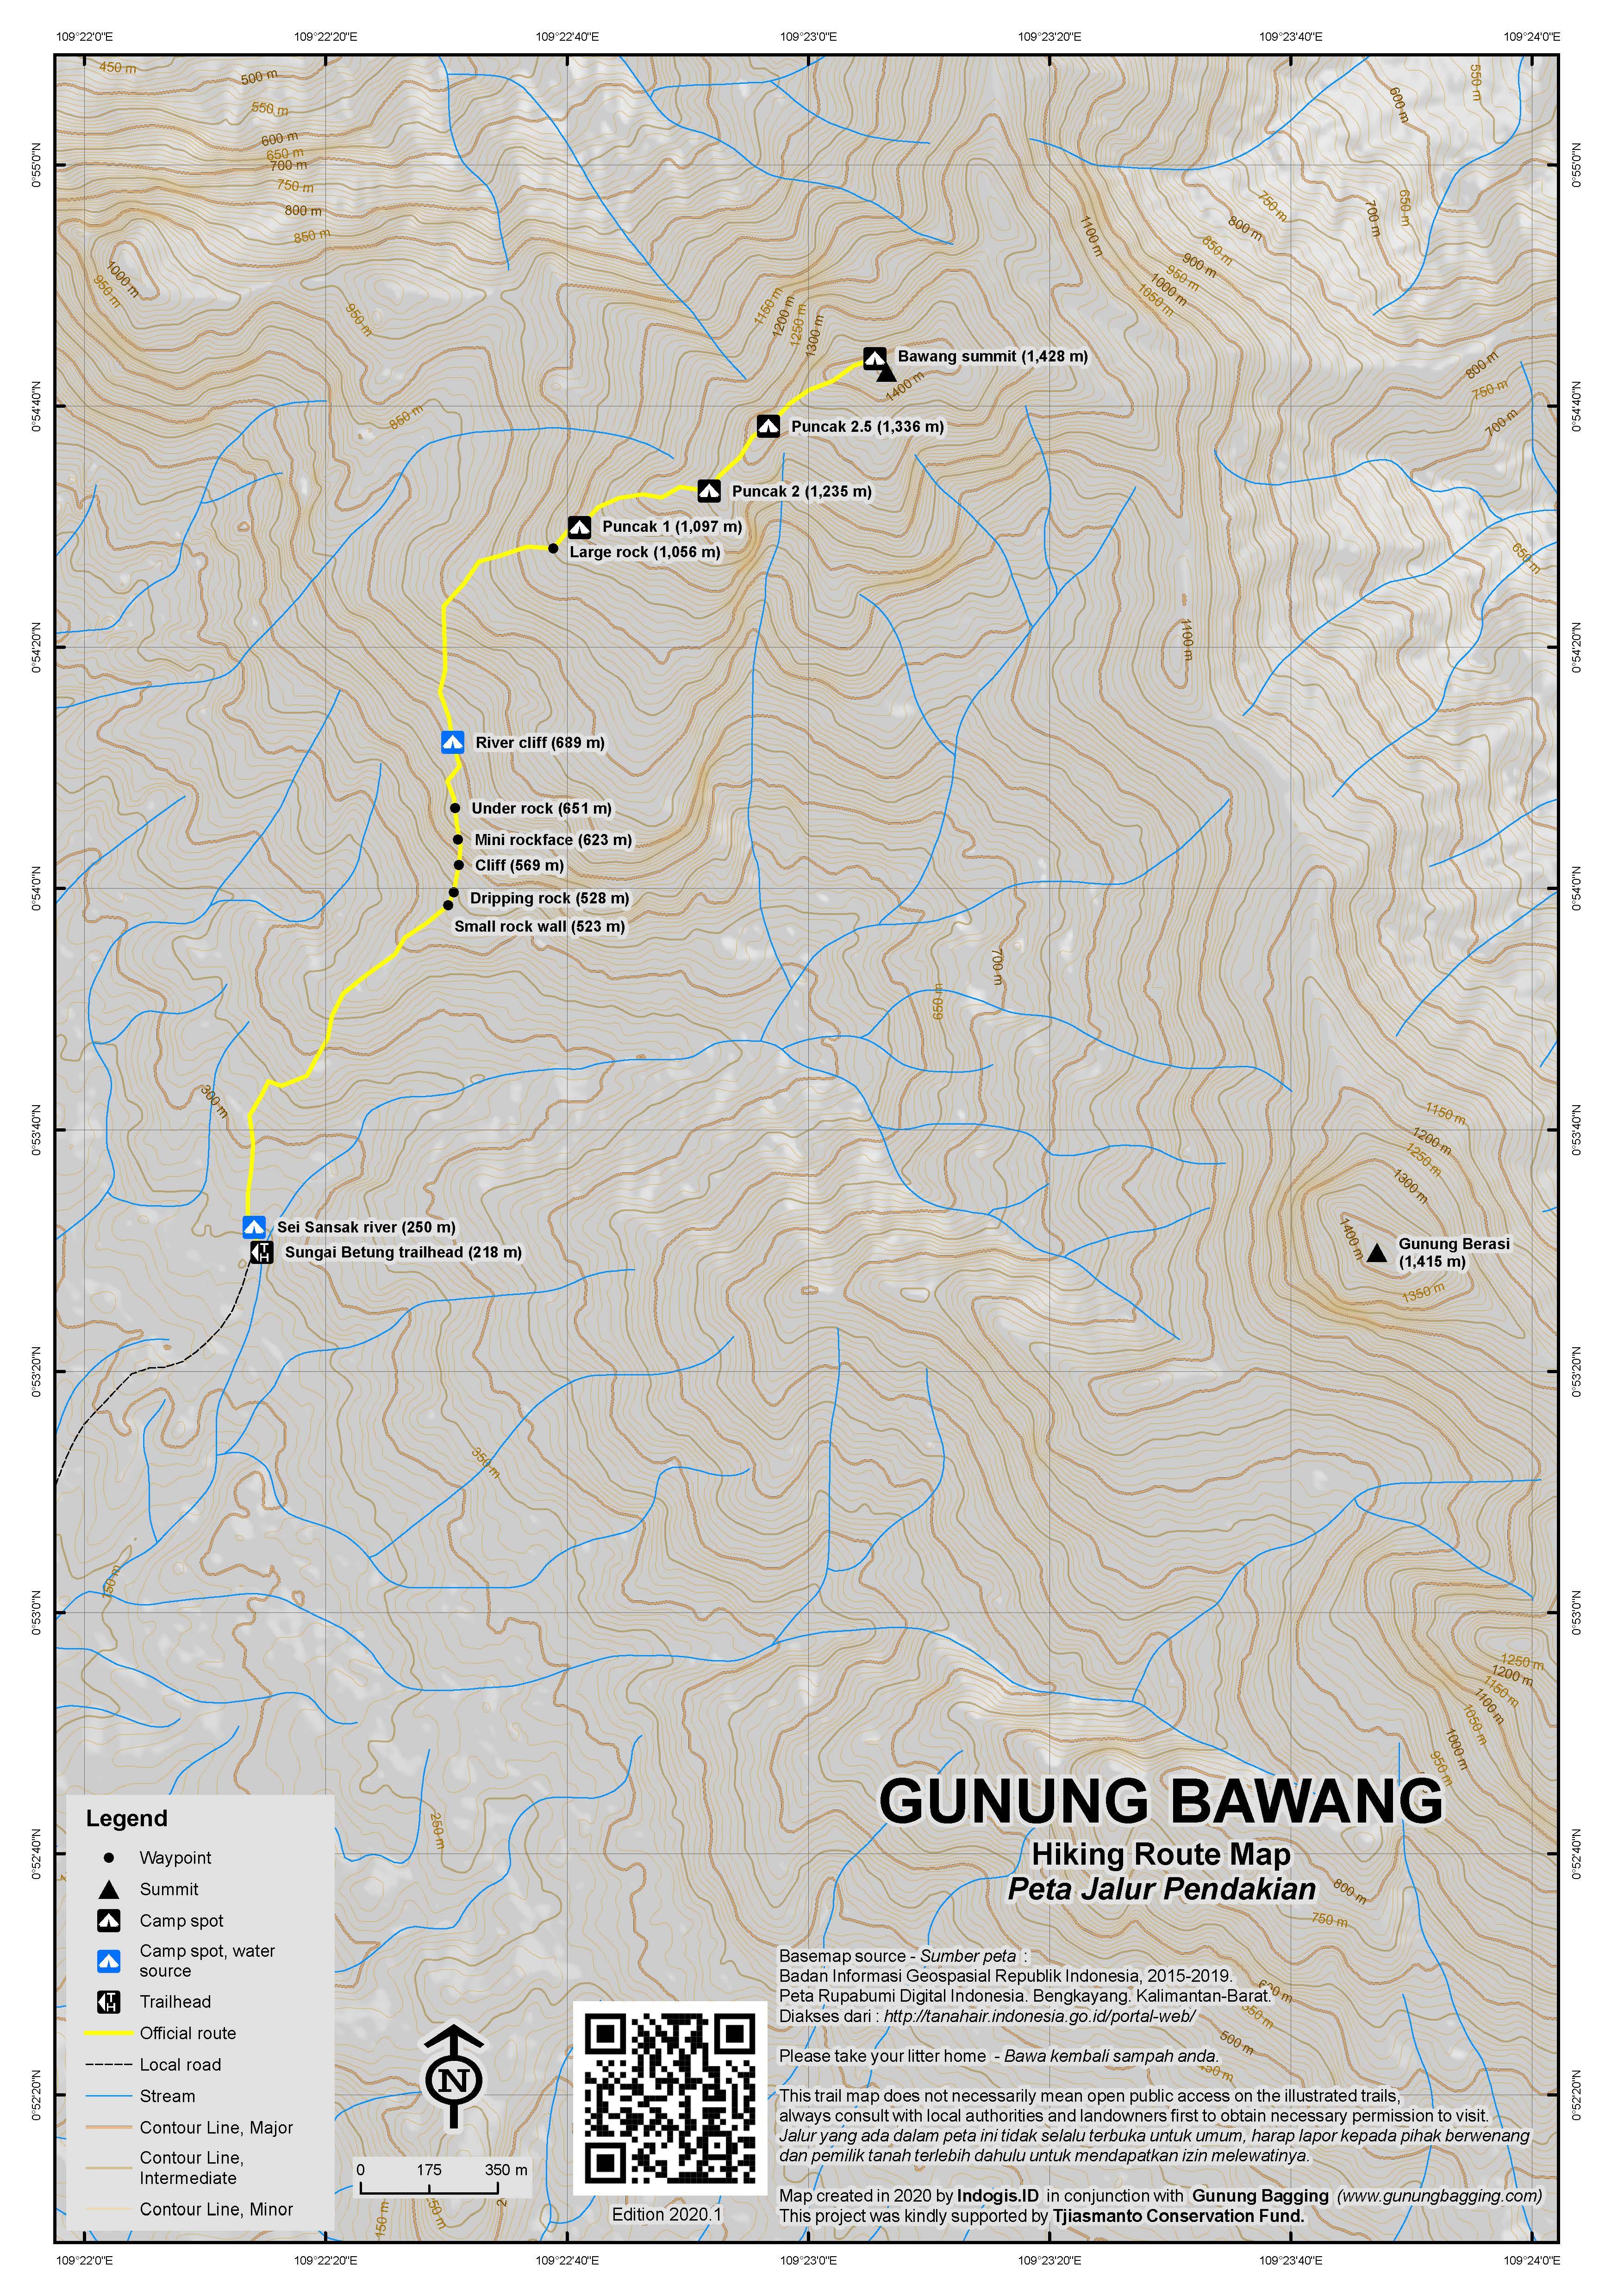 Peta Jalur Pendakian Gunung Bawang